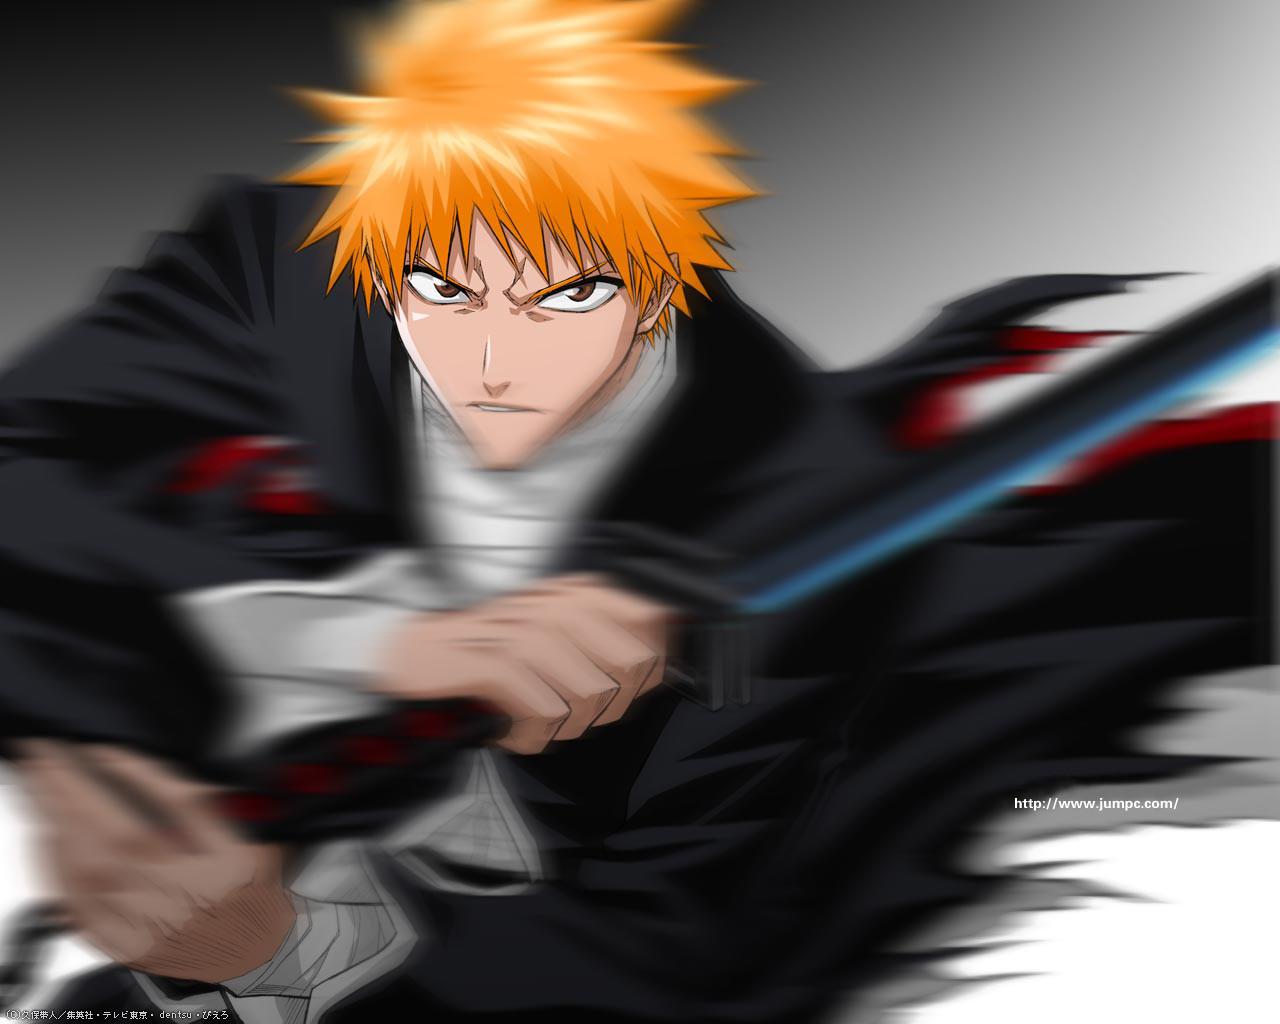 760 Gambar Anime Keren Dan Cool HD Terbaik